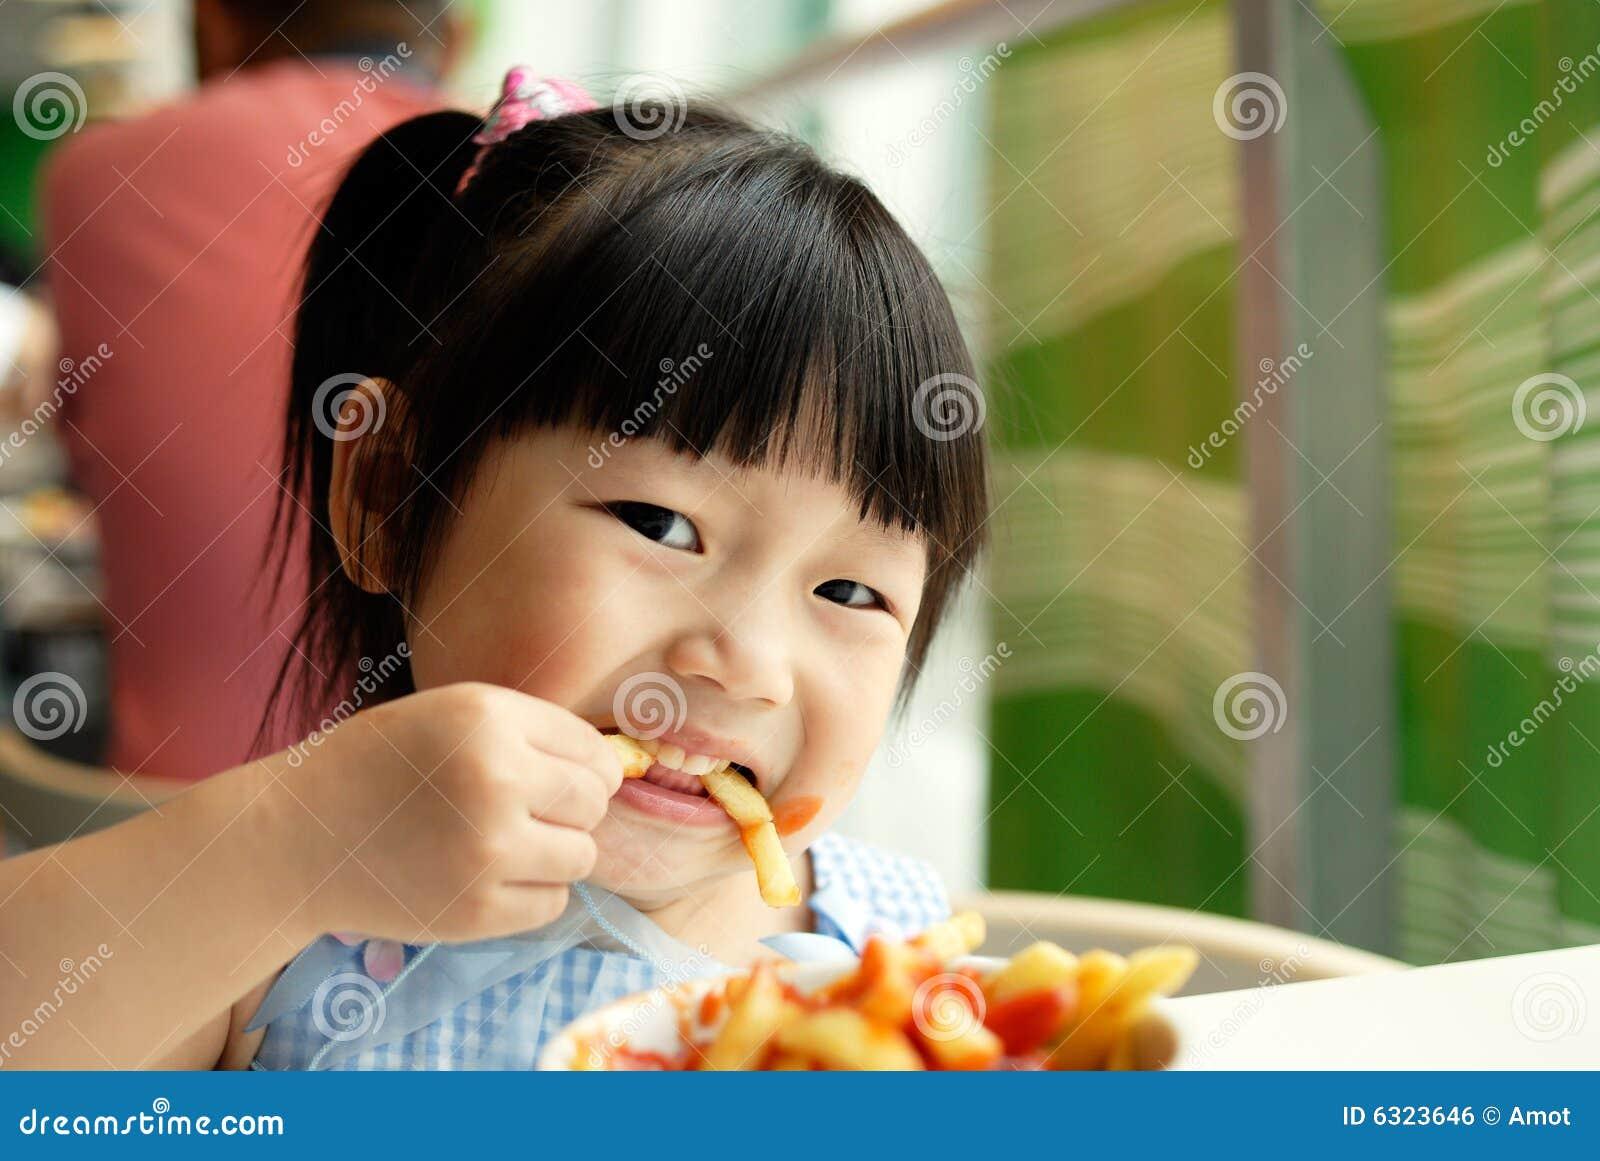 El niño come las fritadas